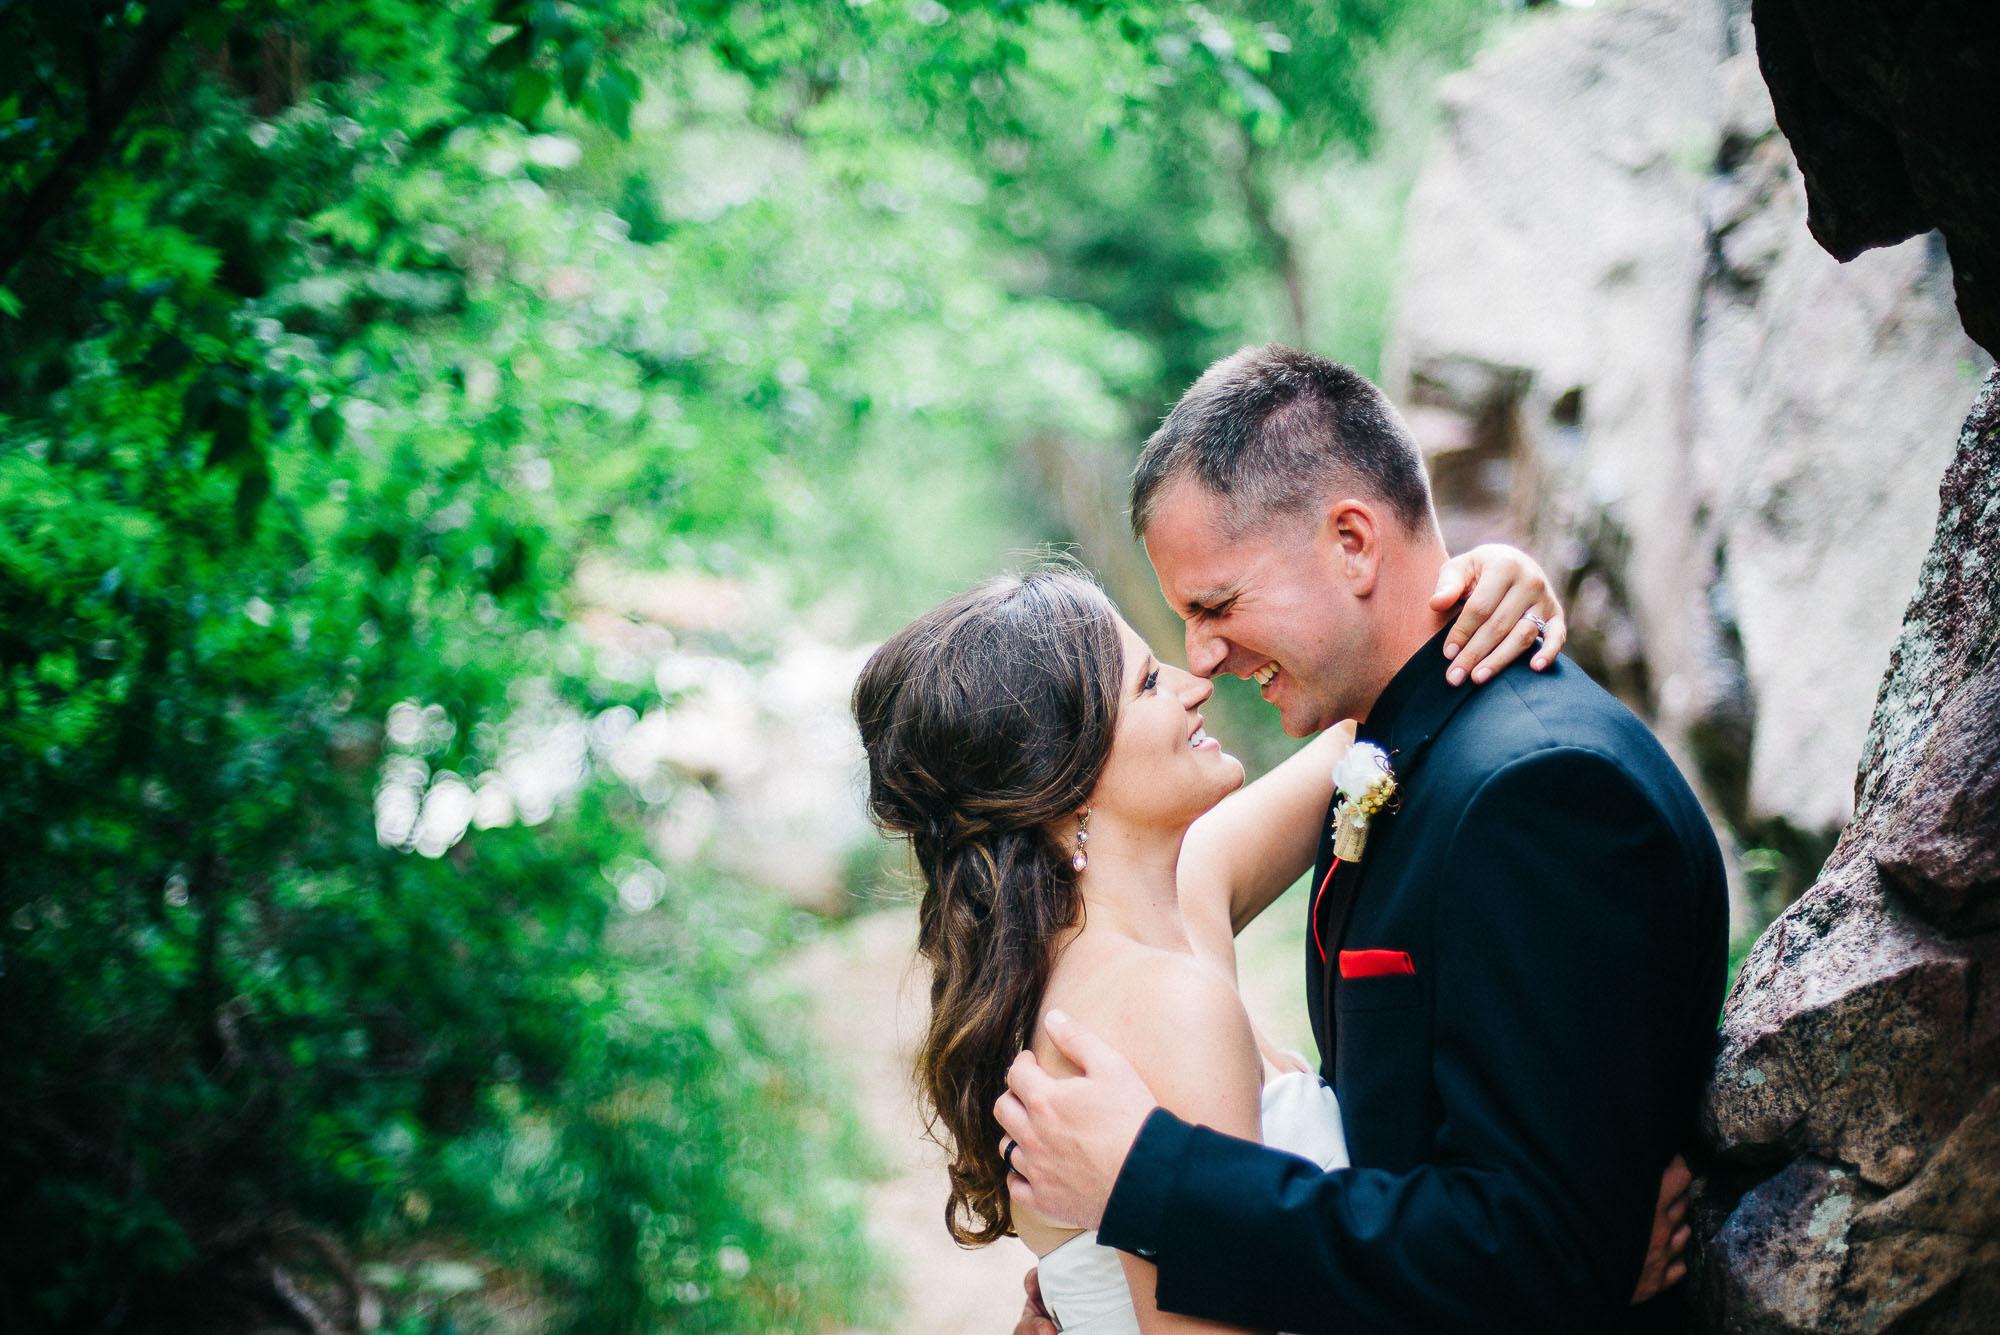 61elopement-photographer-colorado-colorado-mountain-wedding-photographer-romantic-wedding-pictures_009.jpg